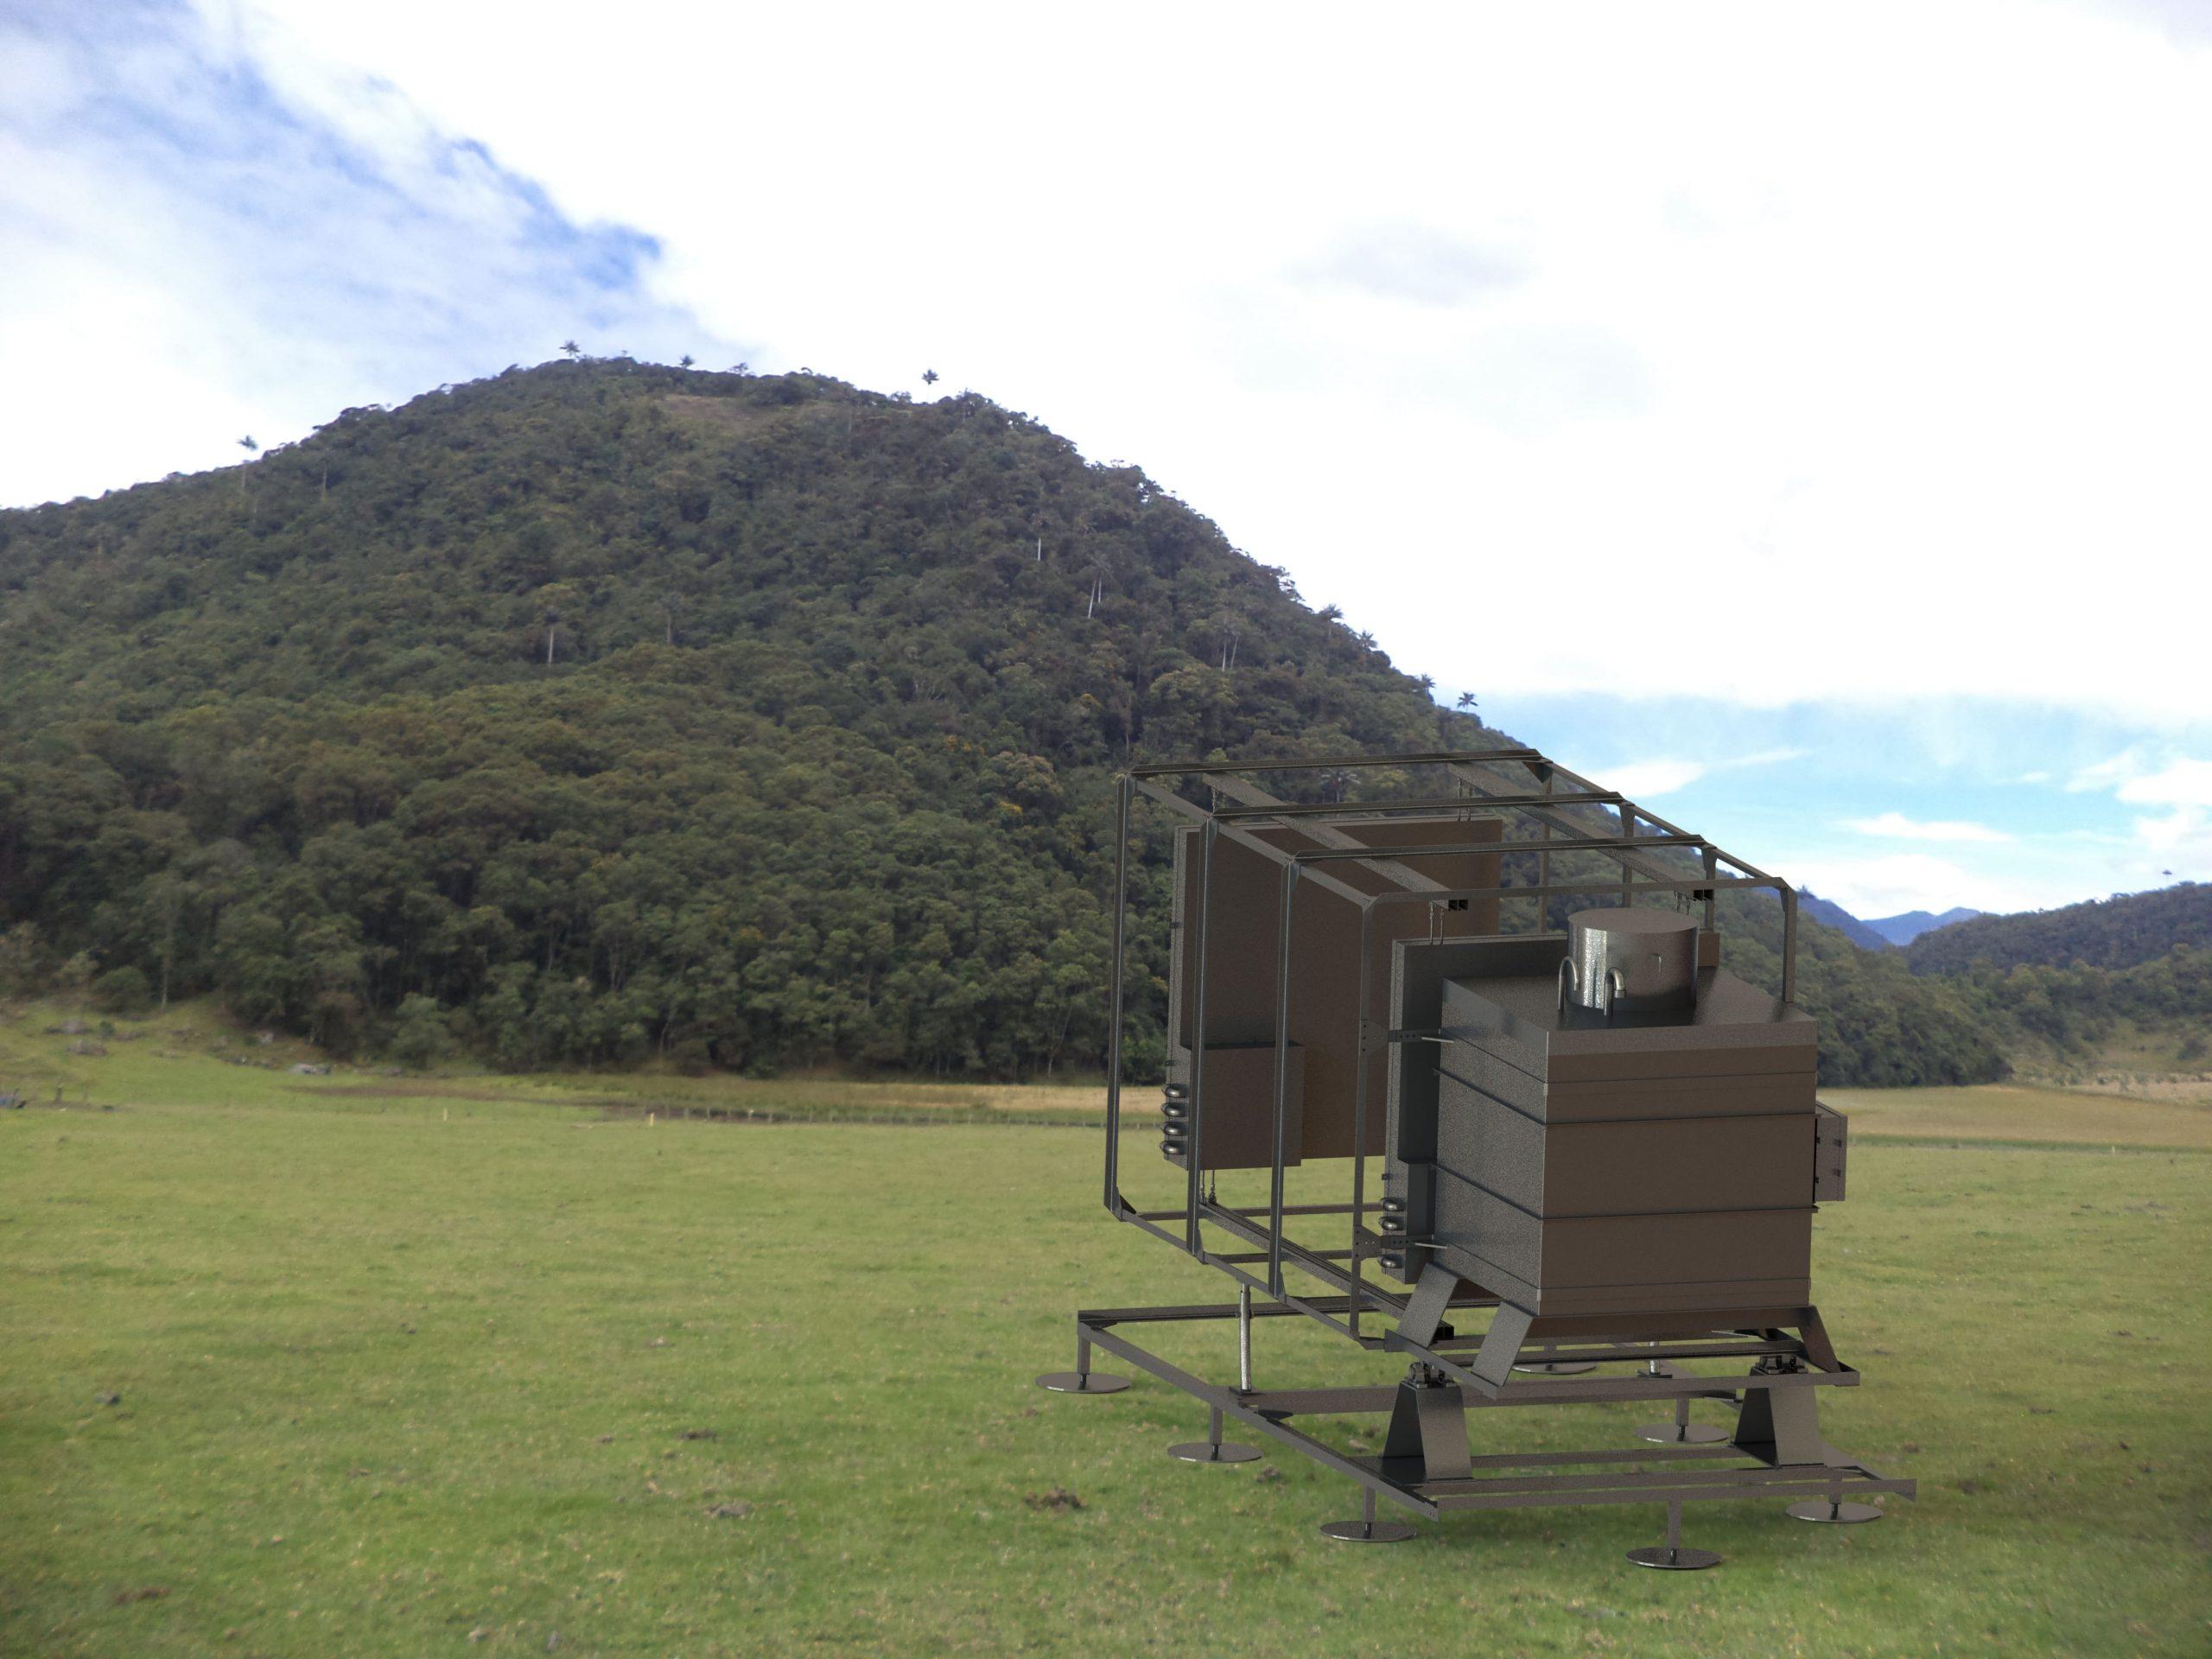 Muon Telescope at Cerro Machin